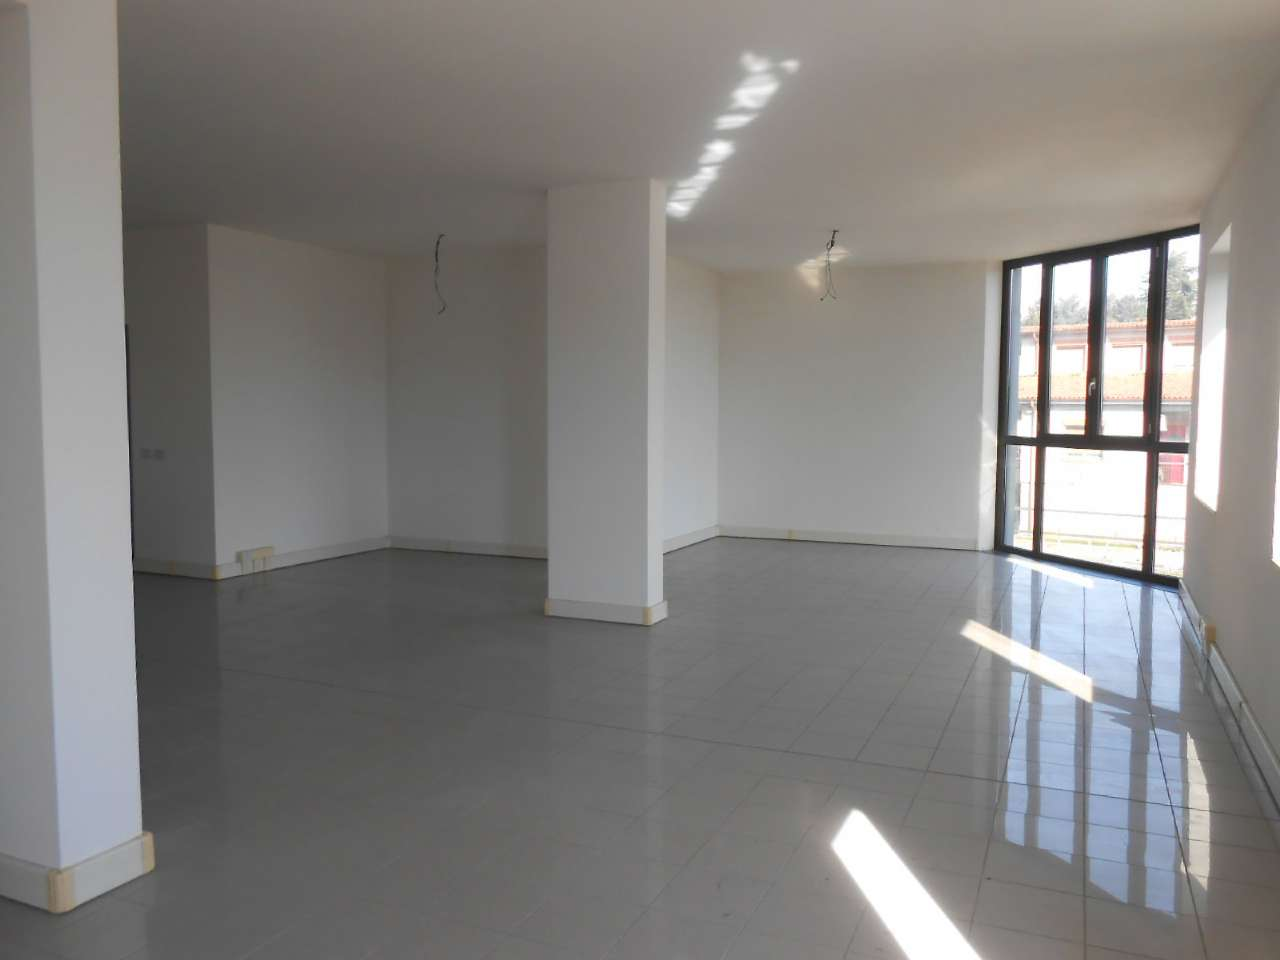 Ufficio / Studio in affitto a Madignano, 2 locali, prezzo € 750 | PortaleAgenzieImmobiliari.it